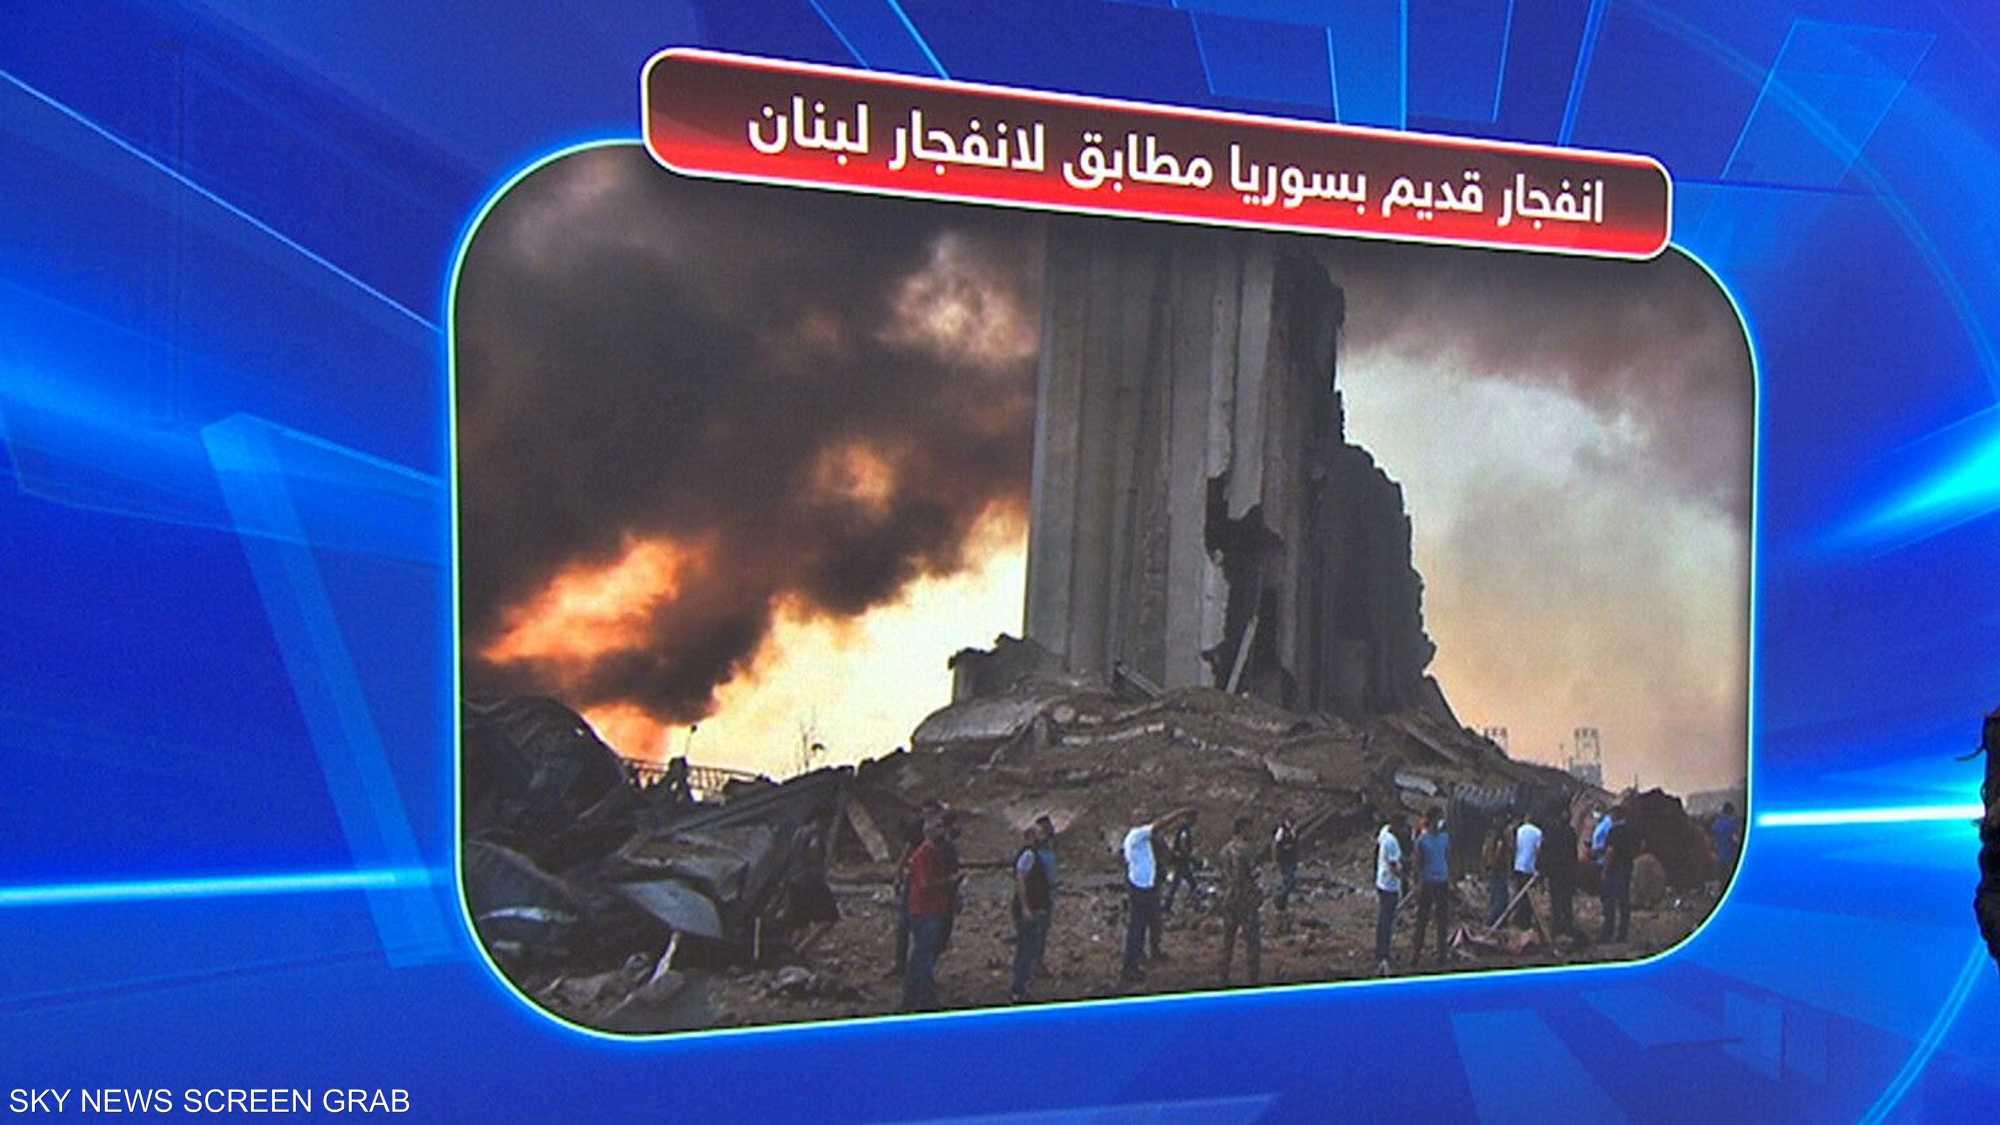 انفجار قديم بسوريا يشابه انفجار بيروت يثير الشكوك